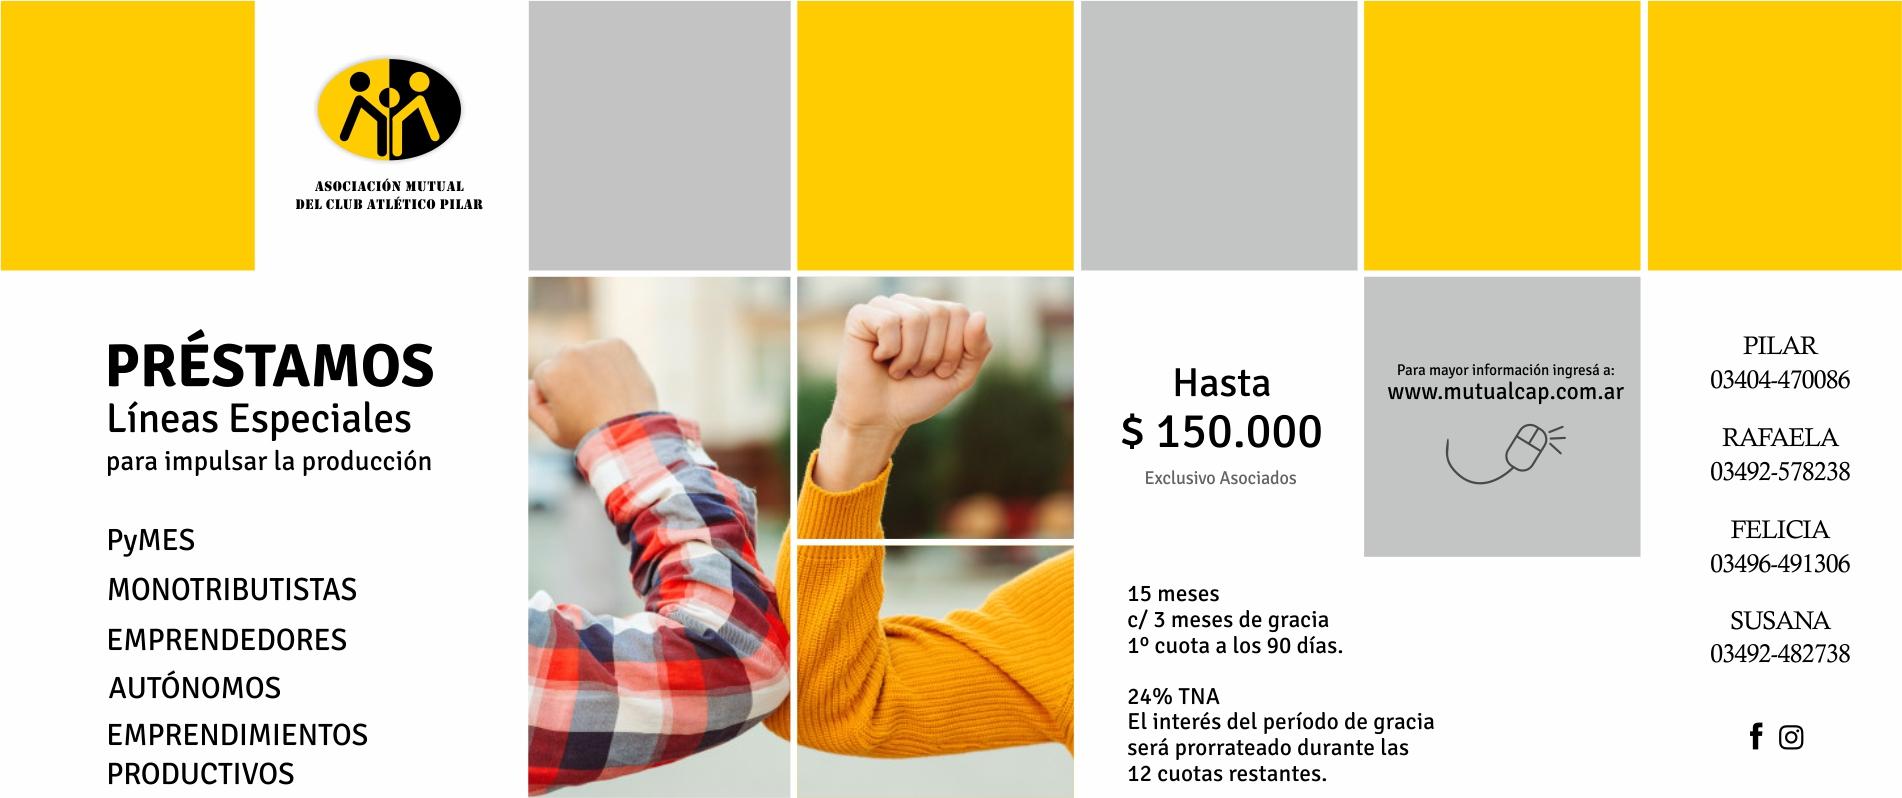 Línea especial de préstamos COVID-19 - Mutual del Club Atlético Pilar